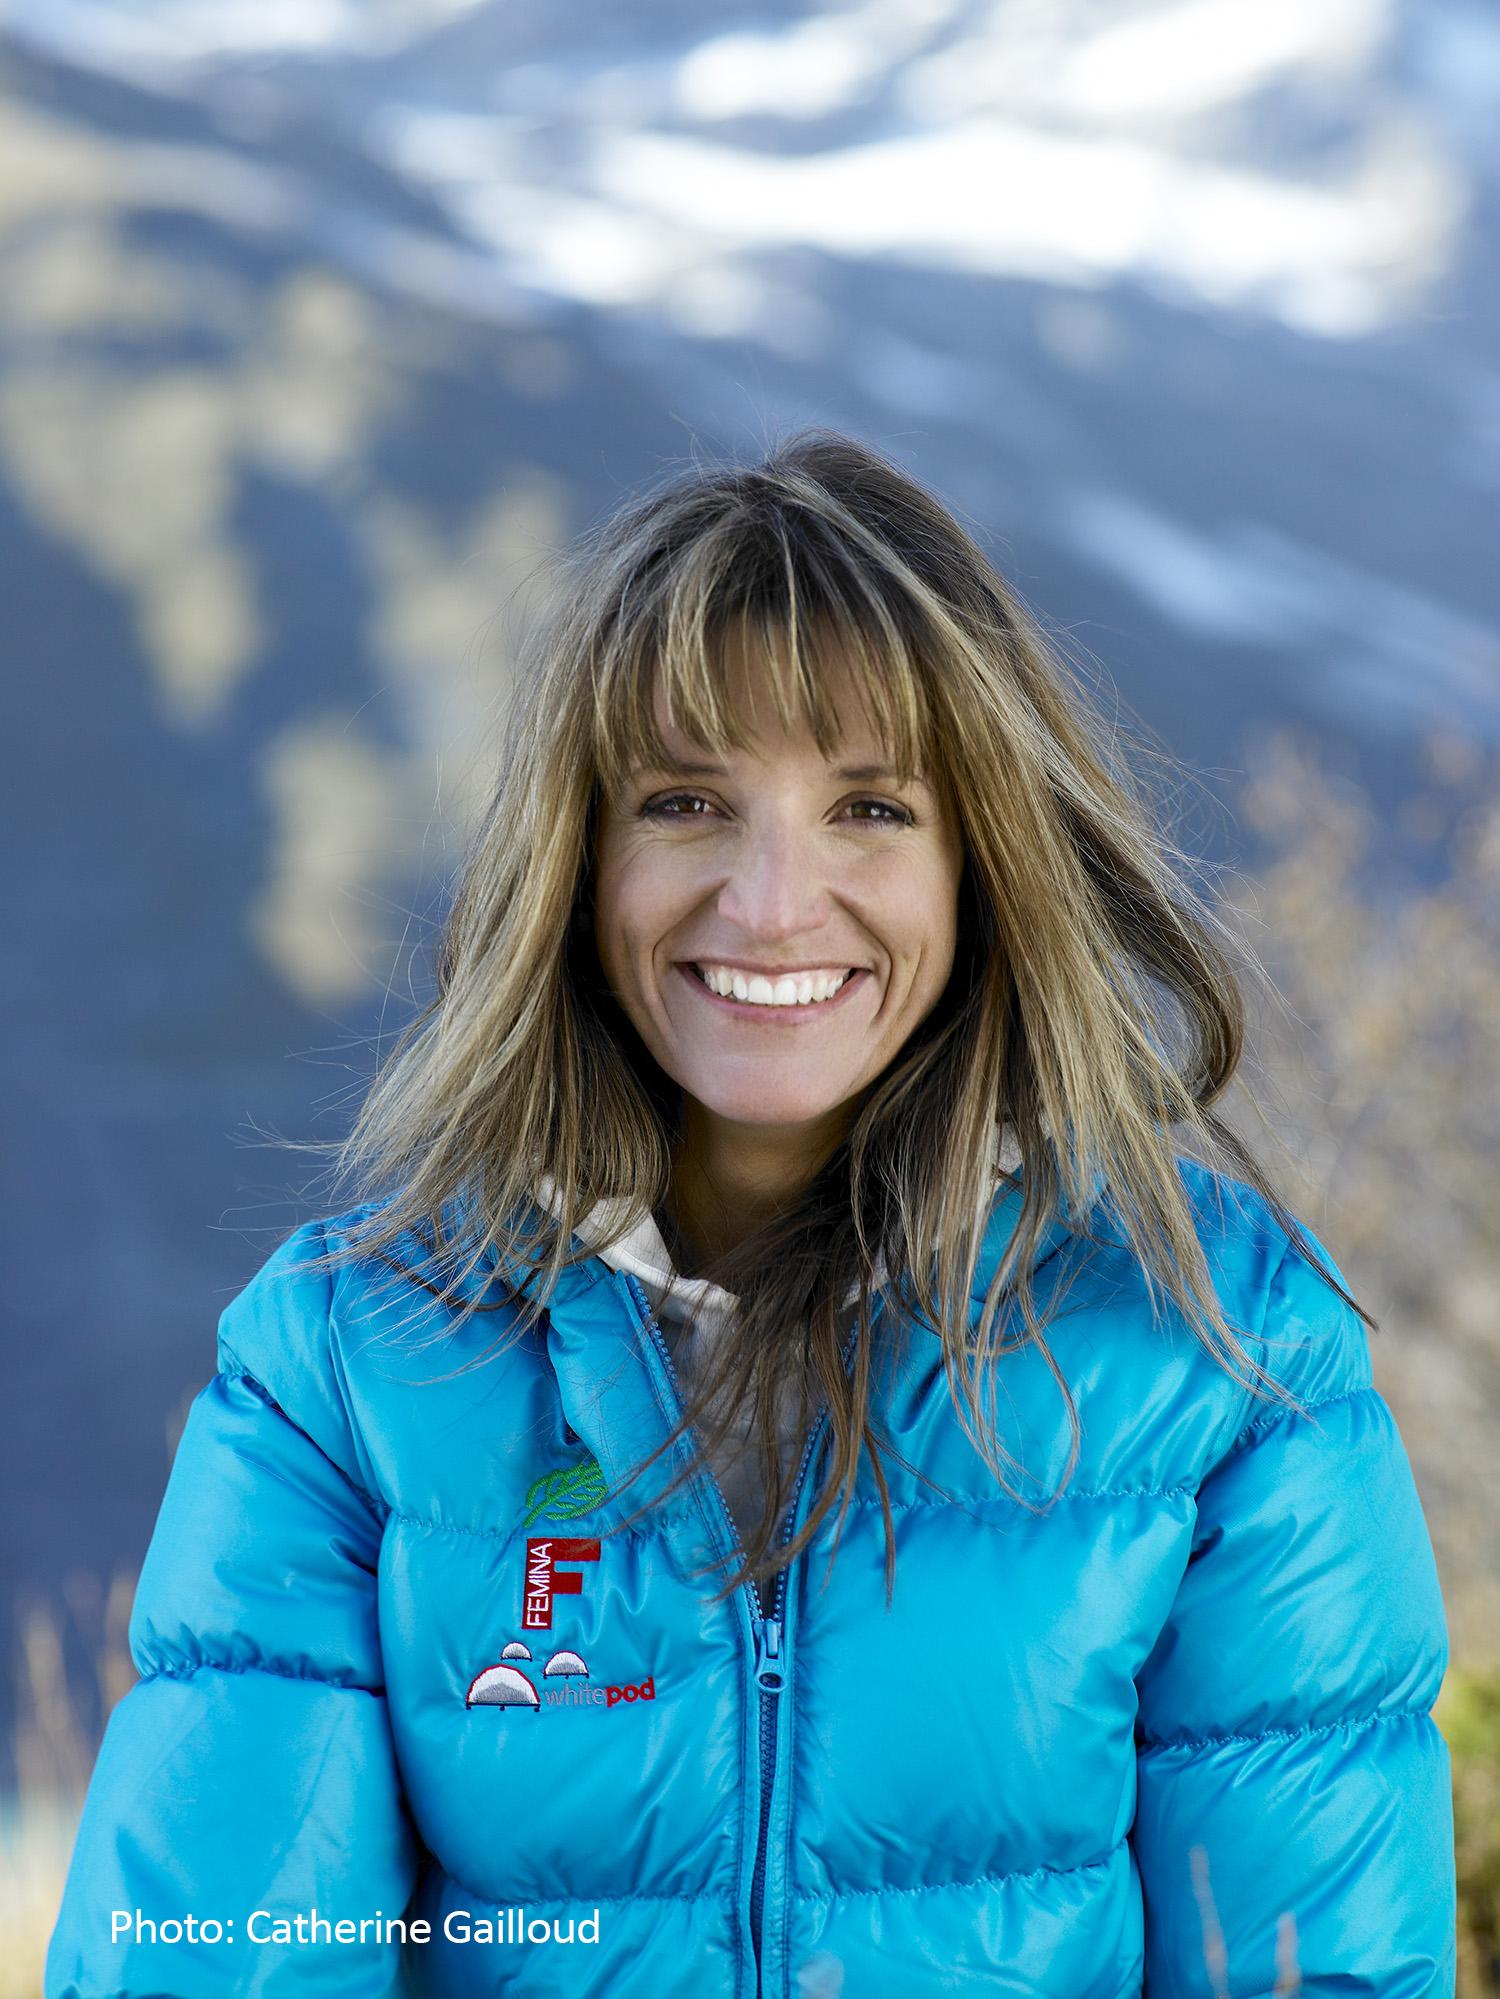 Sarah Marquis - Adventurer who walked 12,000 miles solo through Siberia, the Gobi Desert, China, Laos, Thailand, and Australia